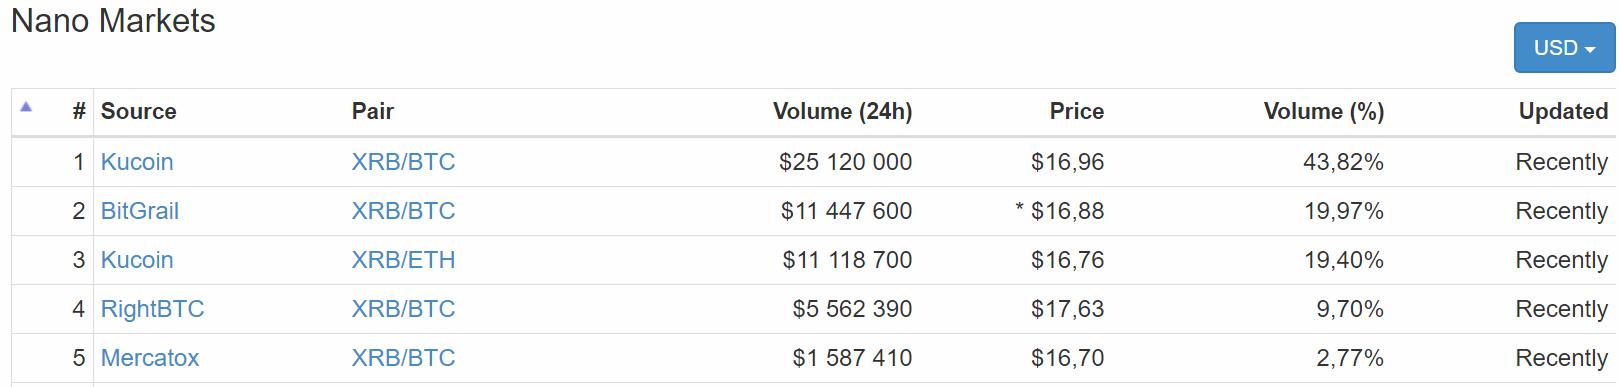 marchés de NANO (XRB) au 1er février 2018